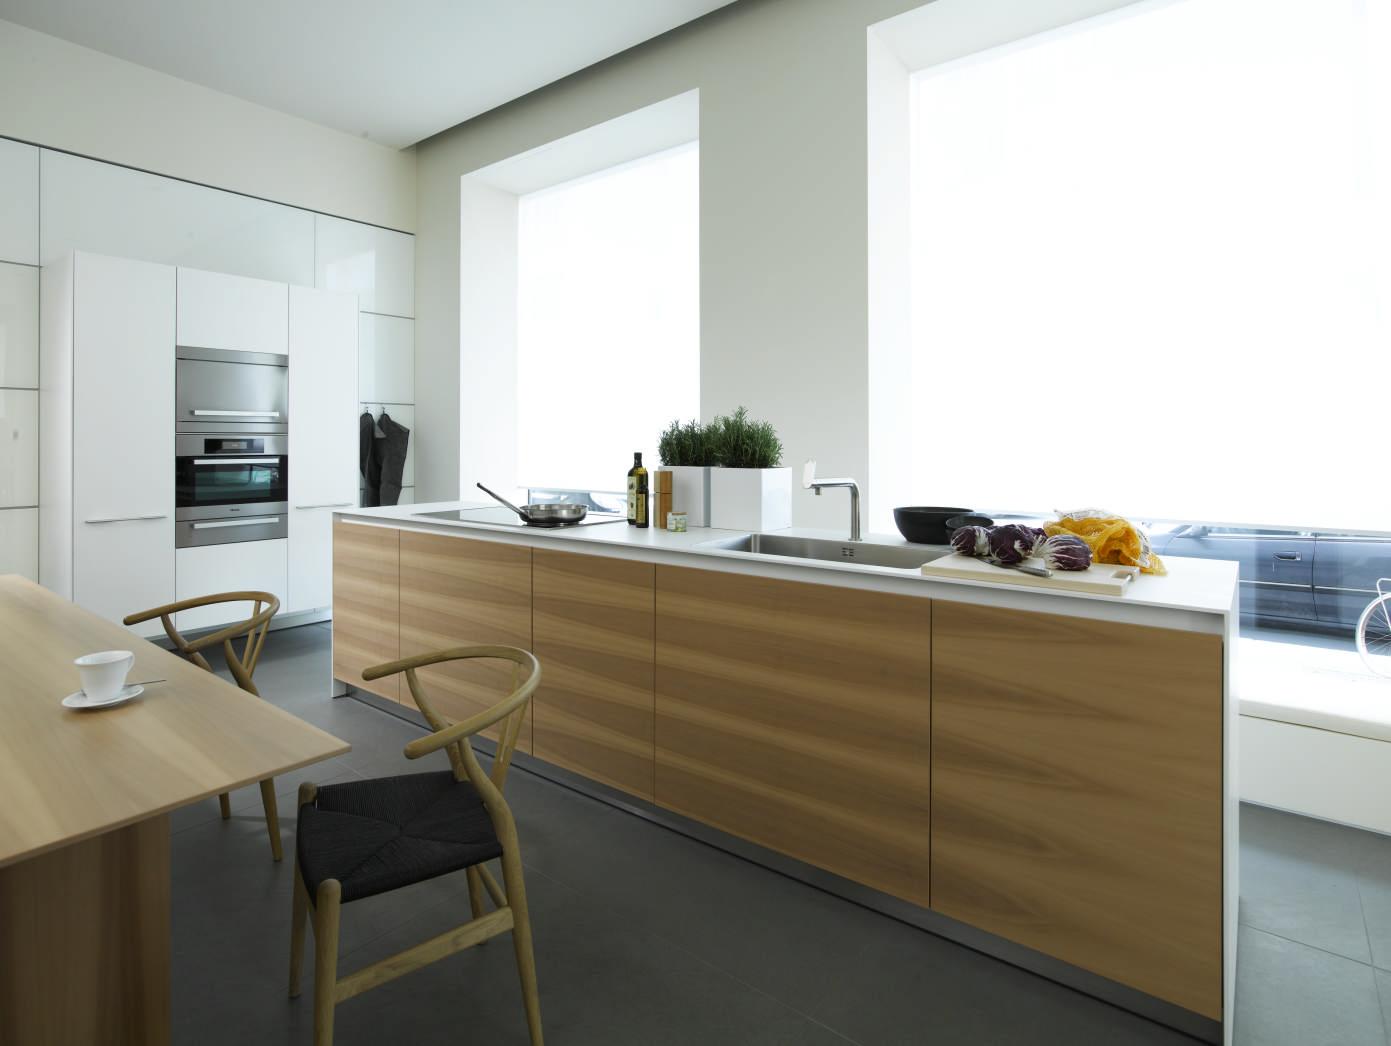 Bulthaup Keukens Prijzen : Prijzen bulthaup keukens 28 images showroomkeukens alle